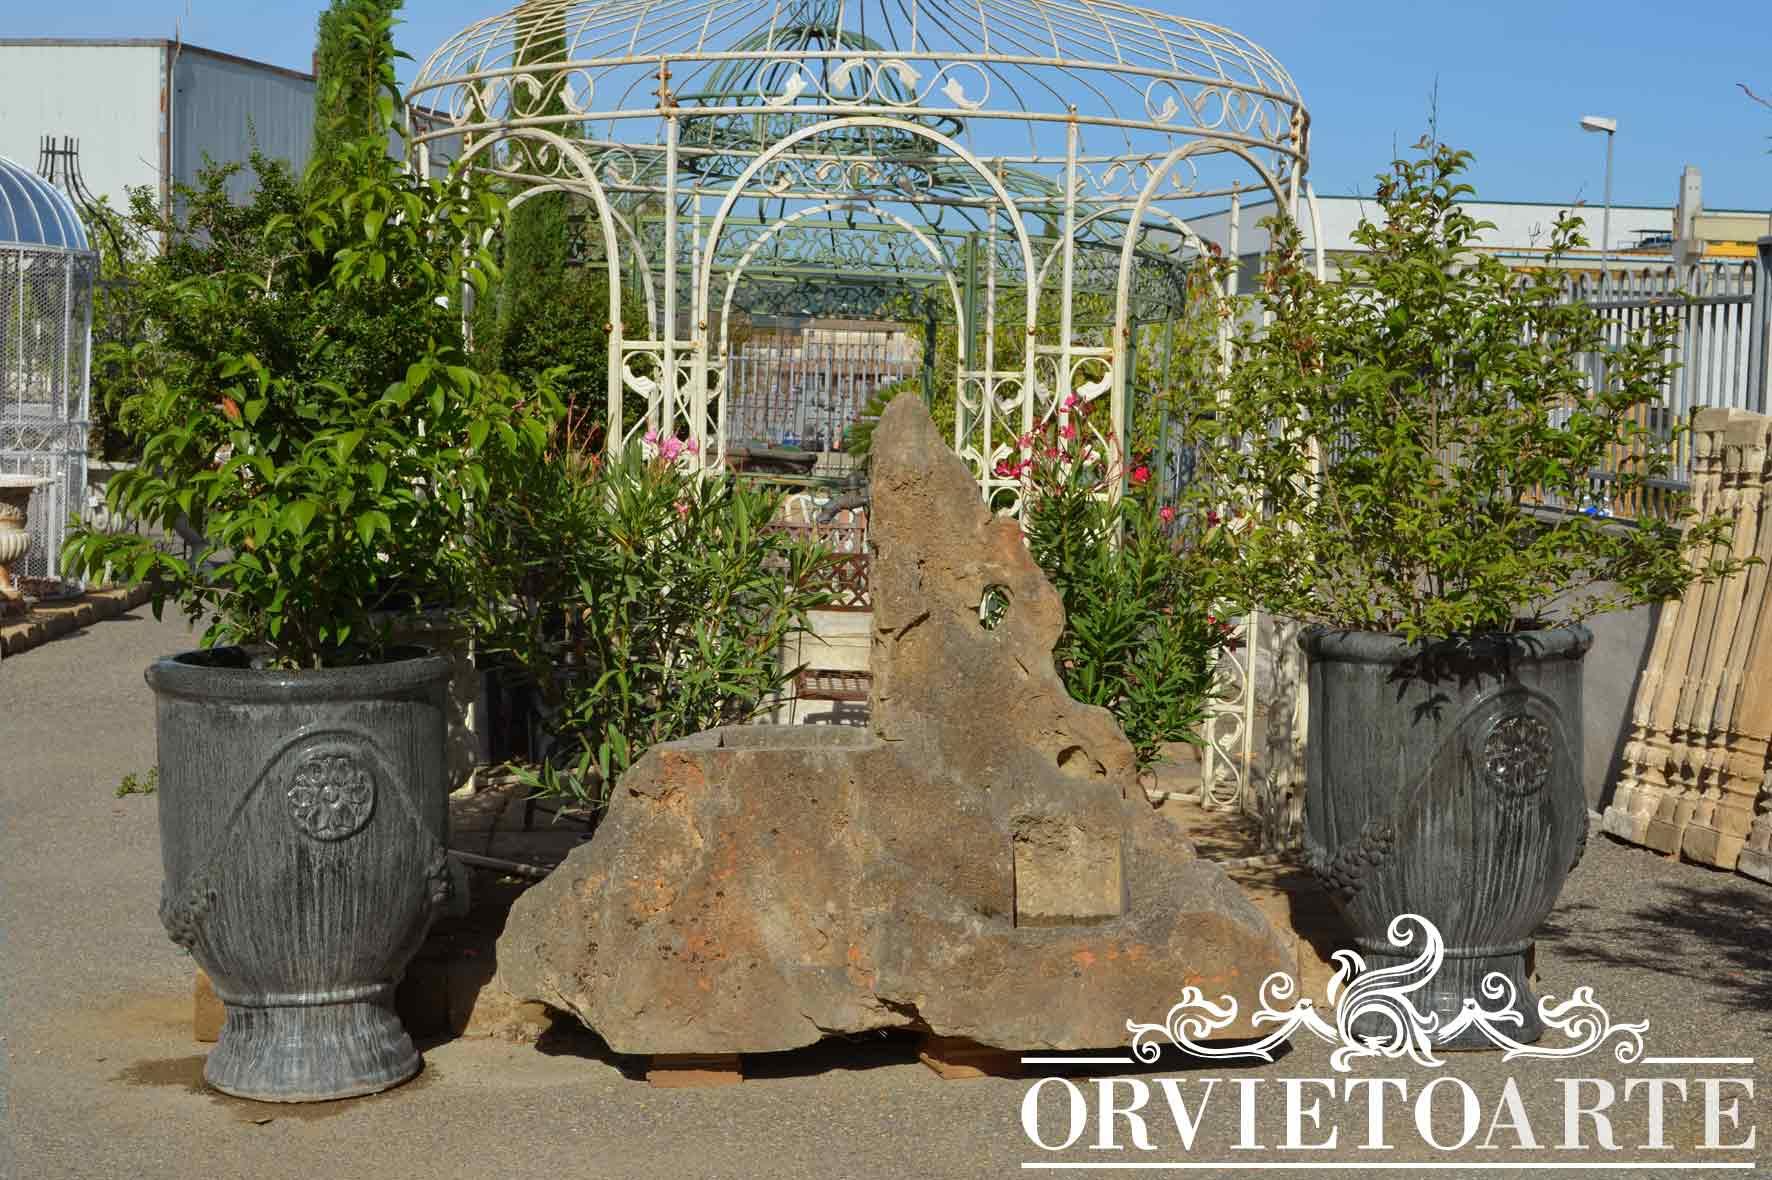 Orvieto arte coppia di vasi in terracotta smaltata - Giare da giardino ...